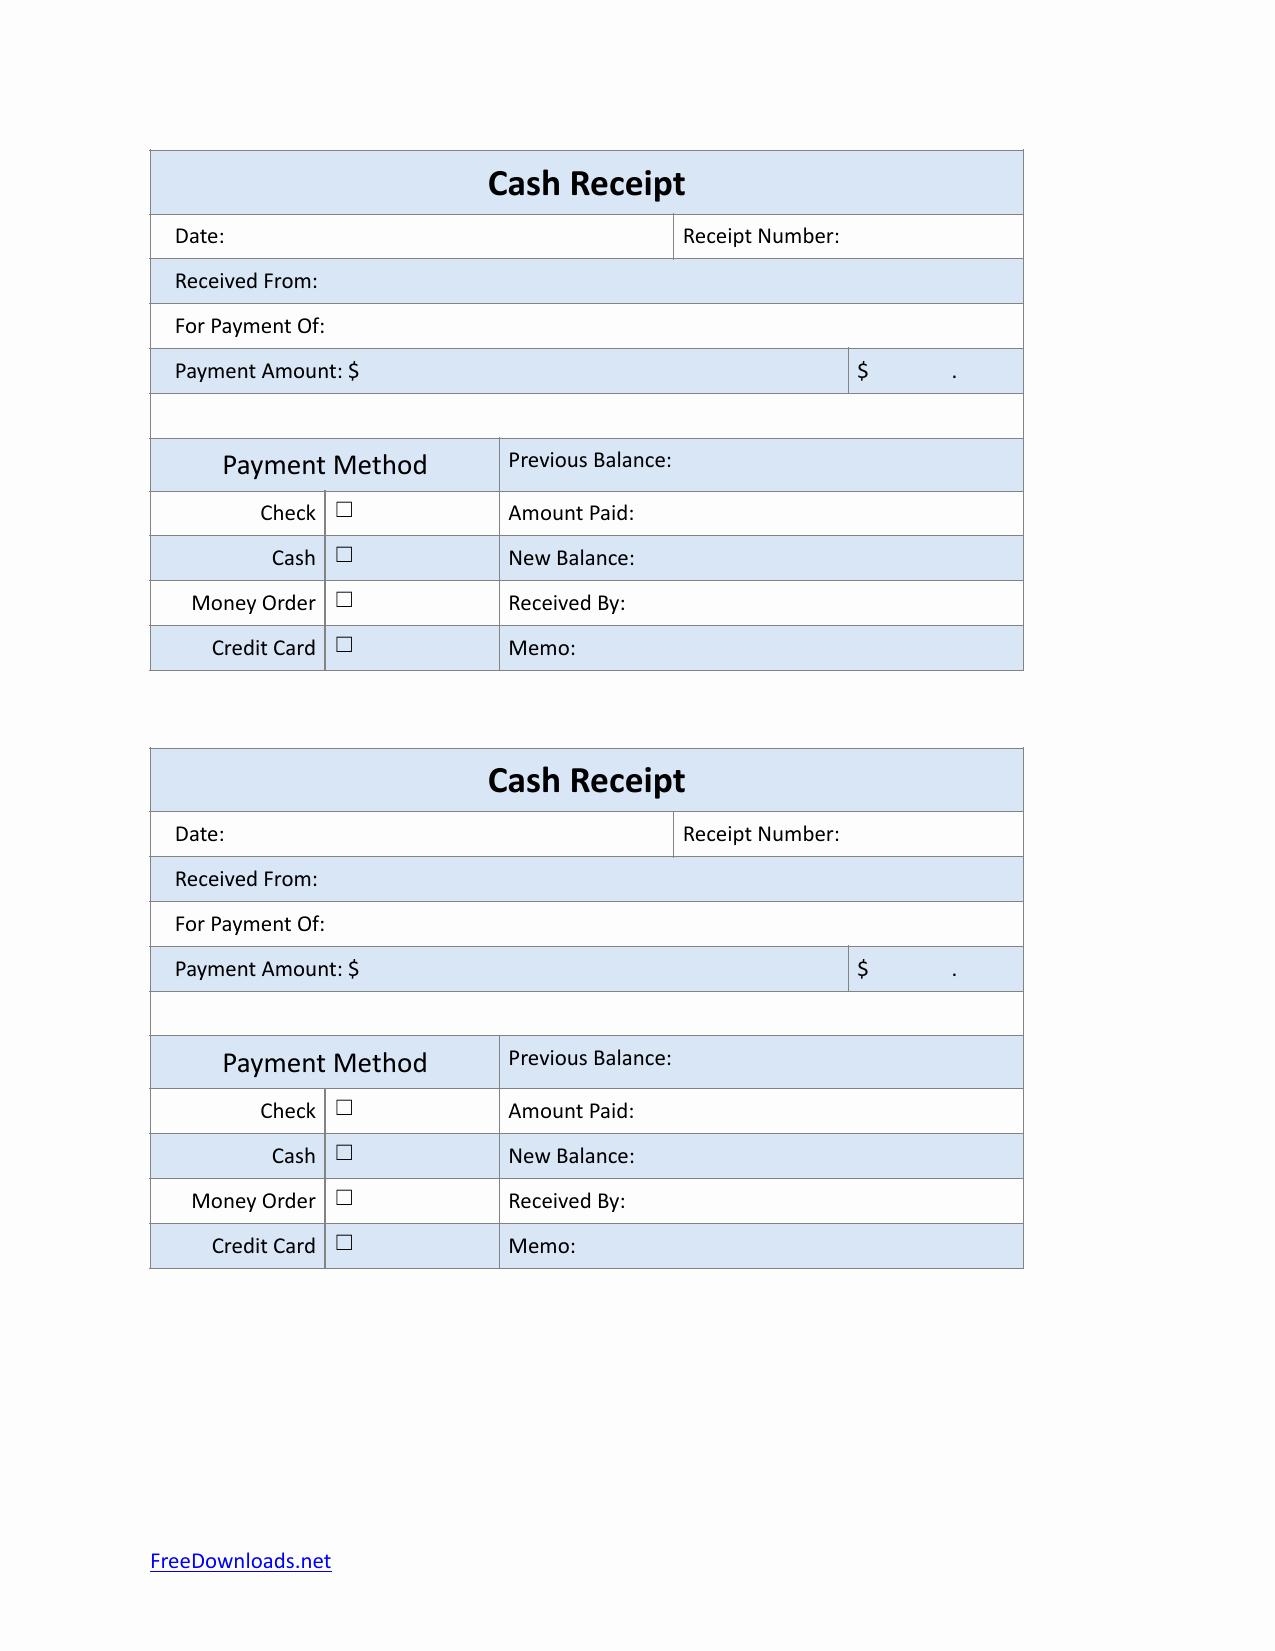 Cash Sale Receipt Template Word Beautiful Download Petty Cash Sales Receipt Template Pdf